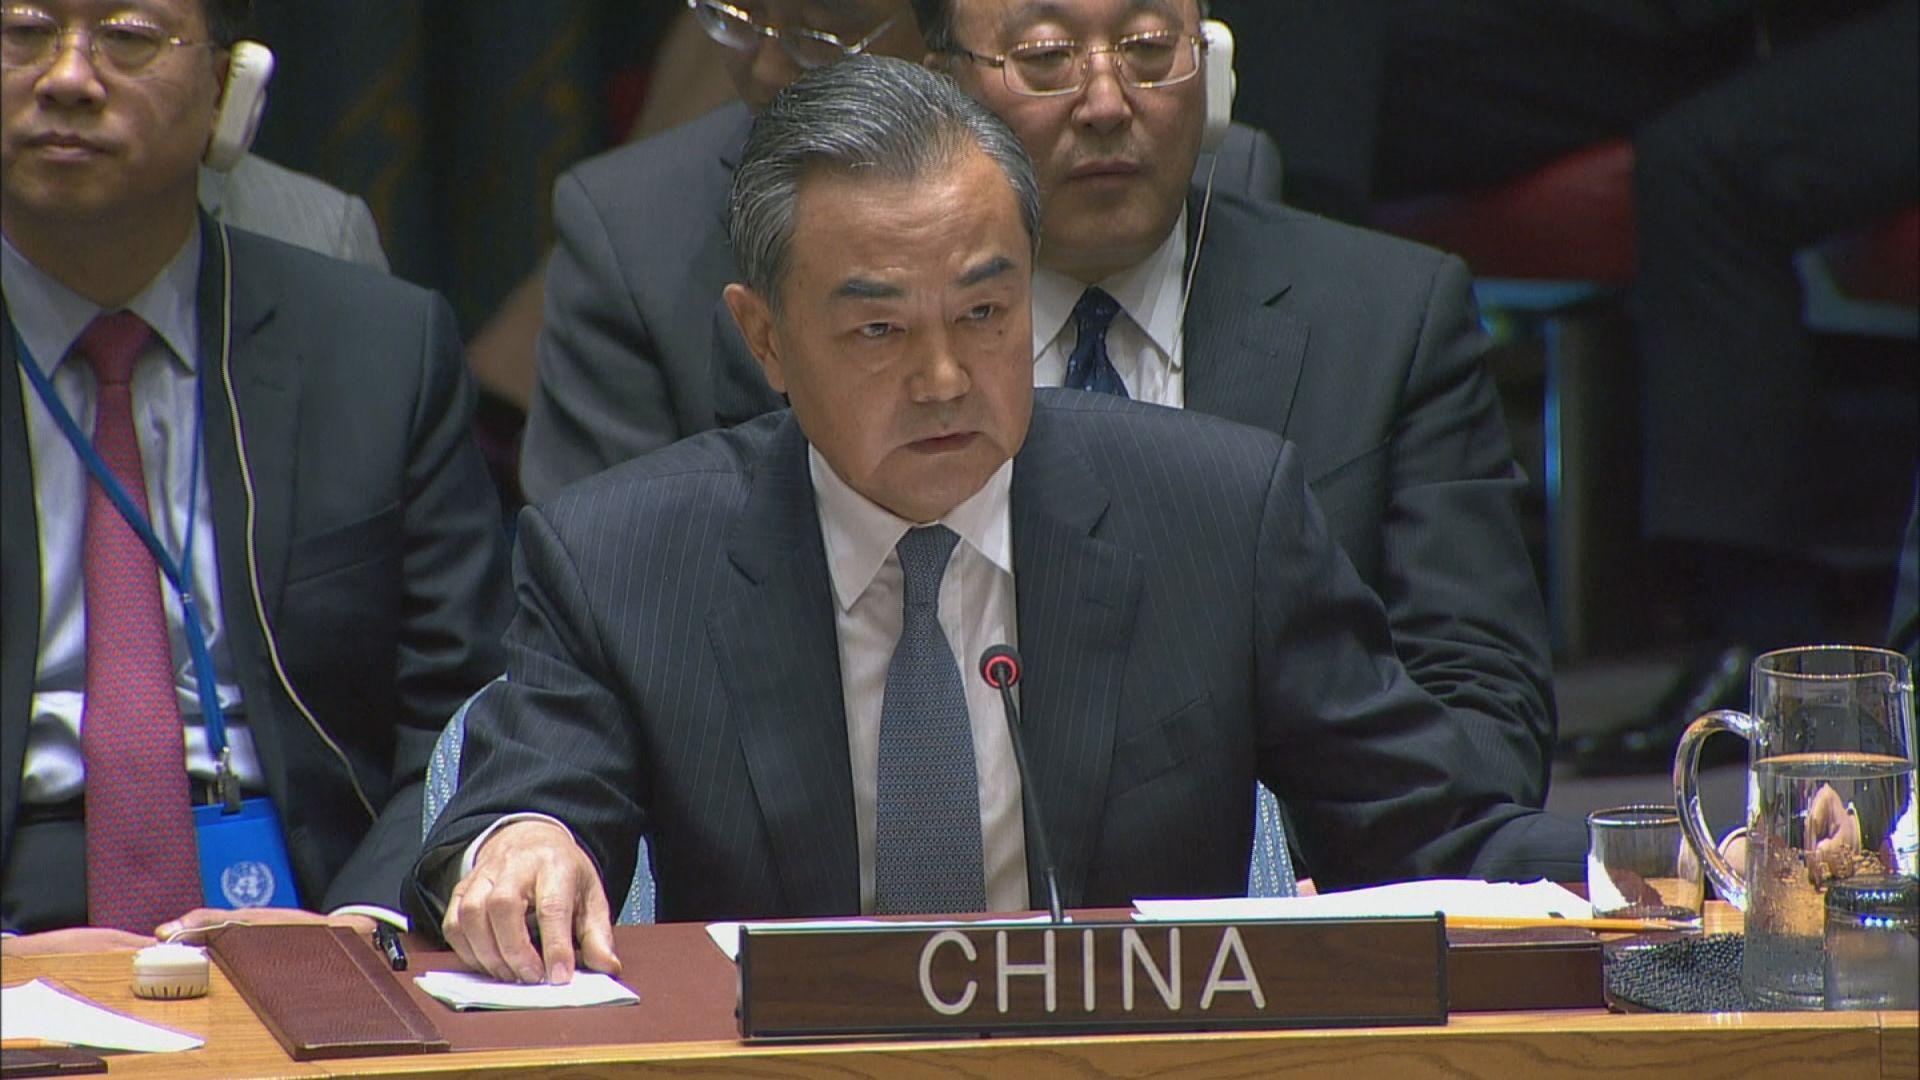 王毅反駁指中國不干涉別國內政